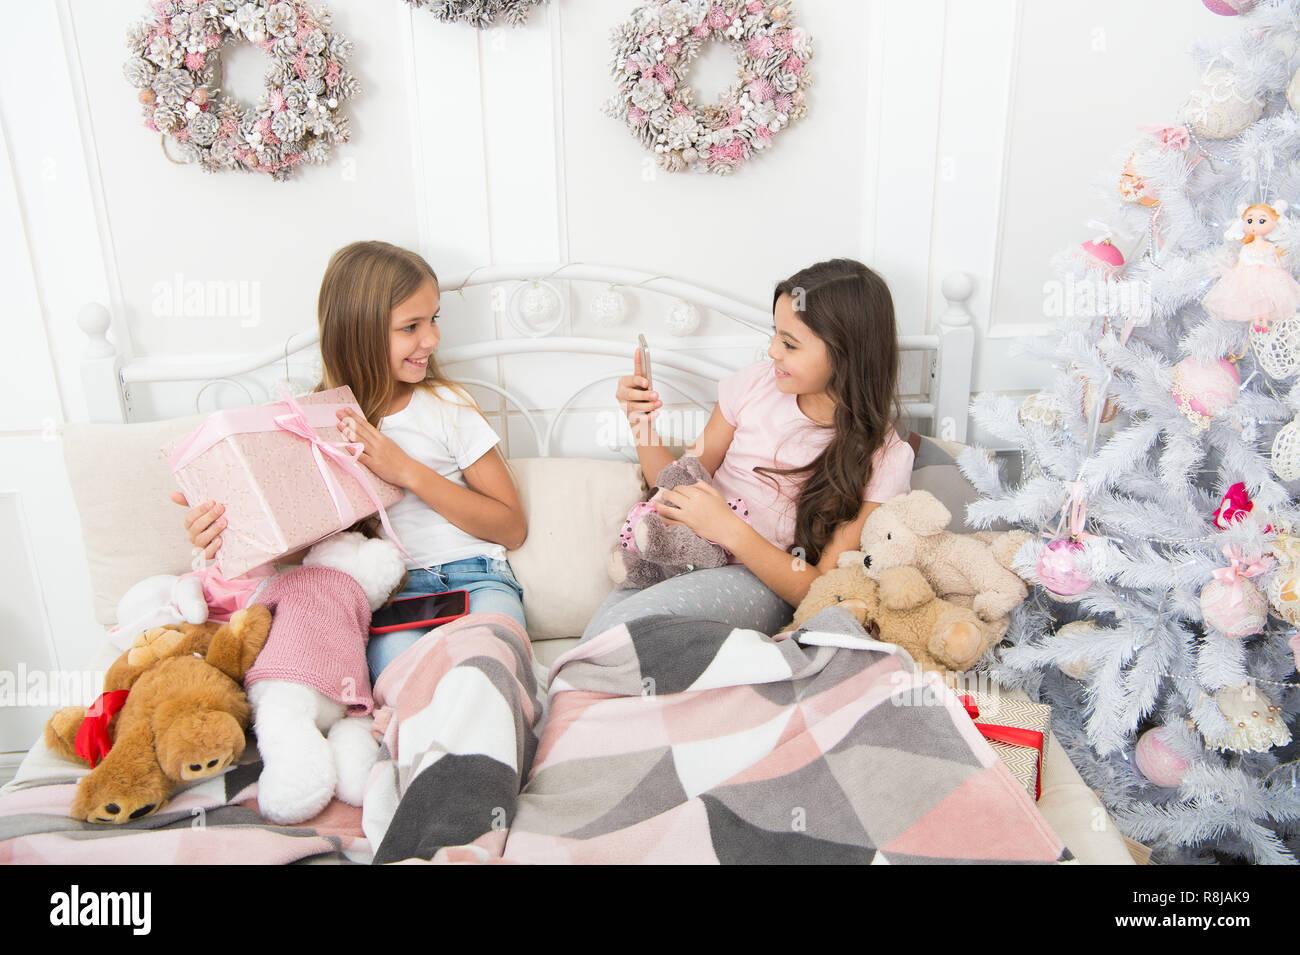 Ein Urlaub Bild Messaging Zu Weihnachten Und Neujahr Foto Mit